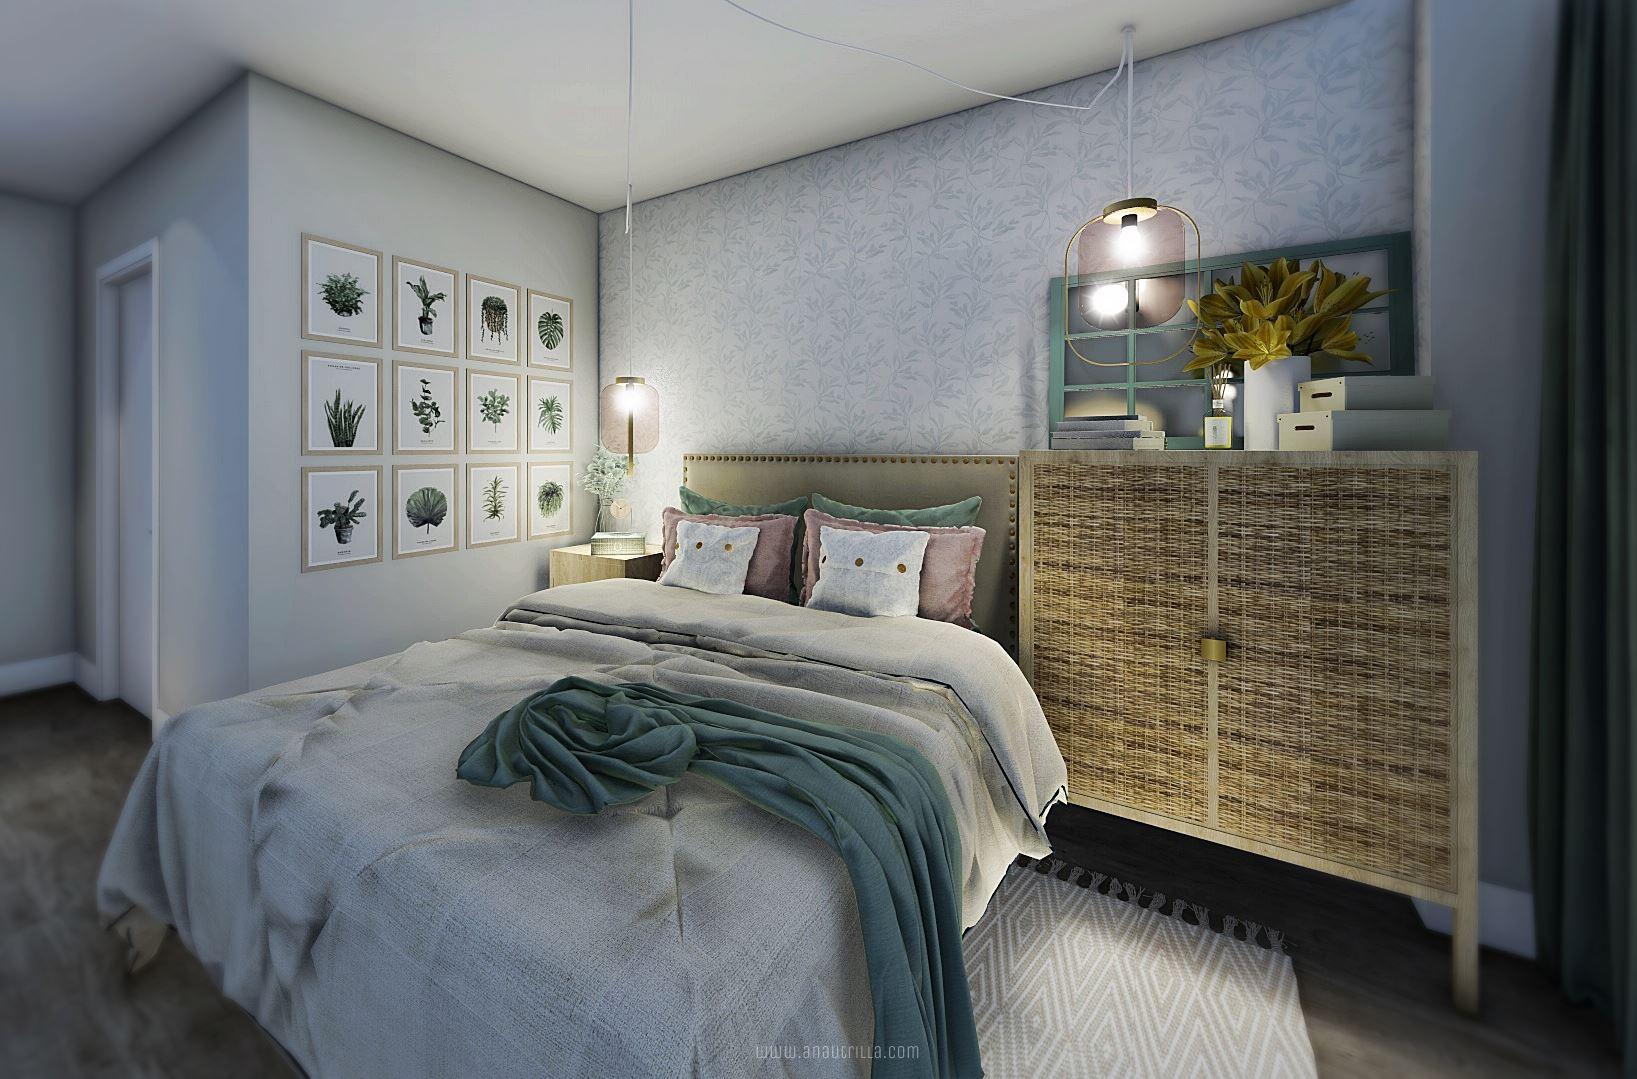 Infografía 3D de habitación principal de estilo nórdico y toques femeninos de colores rosas y verdes poco saturados #AnaUtrillainteriorismo #3D #Rendering3D @Utrillanais